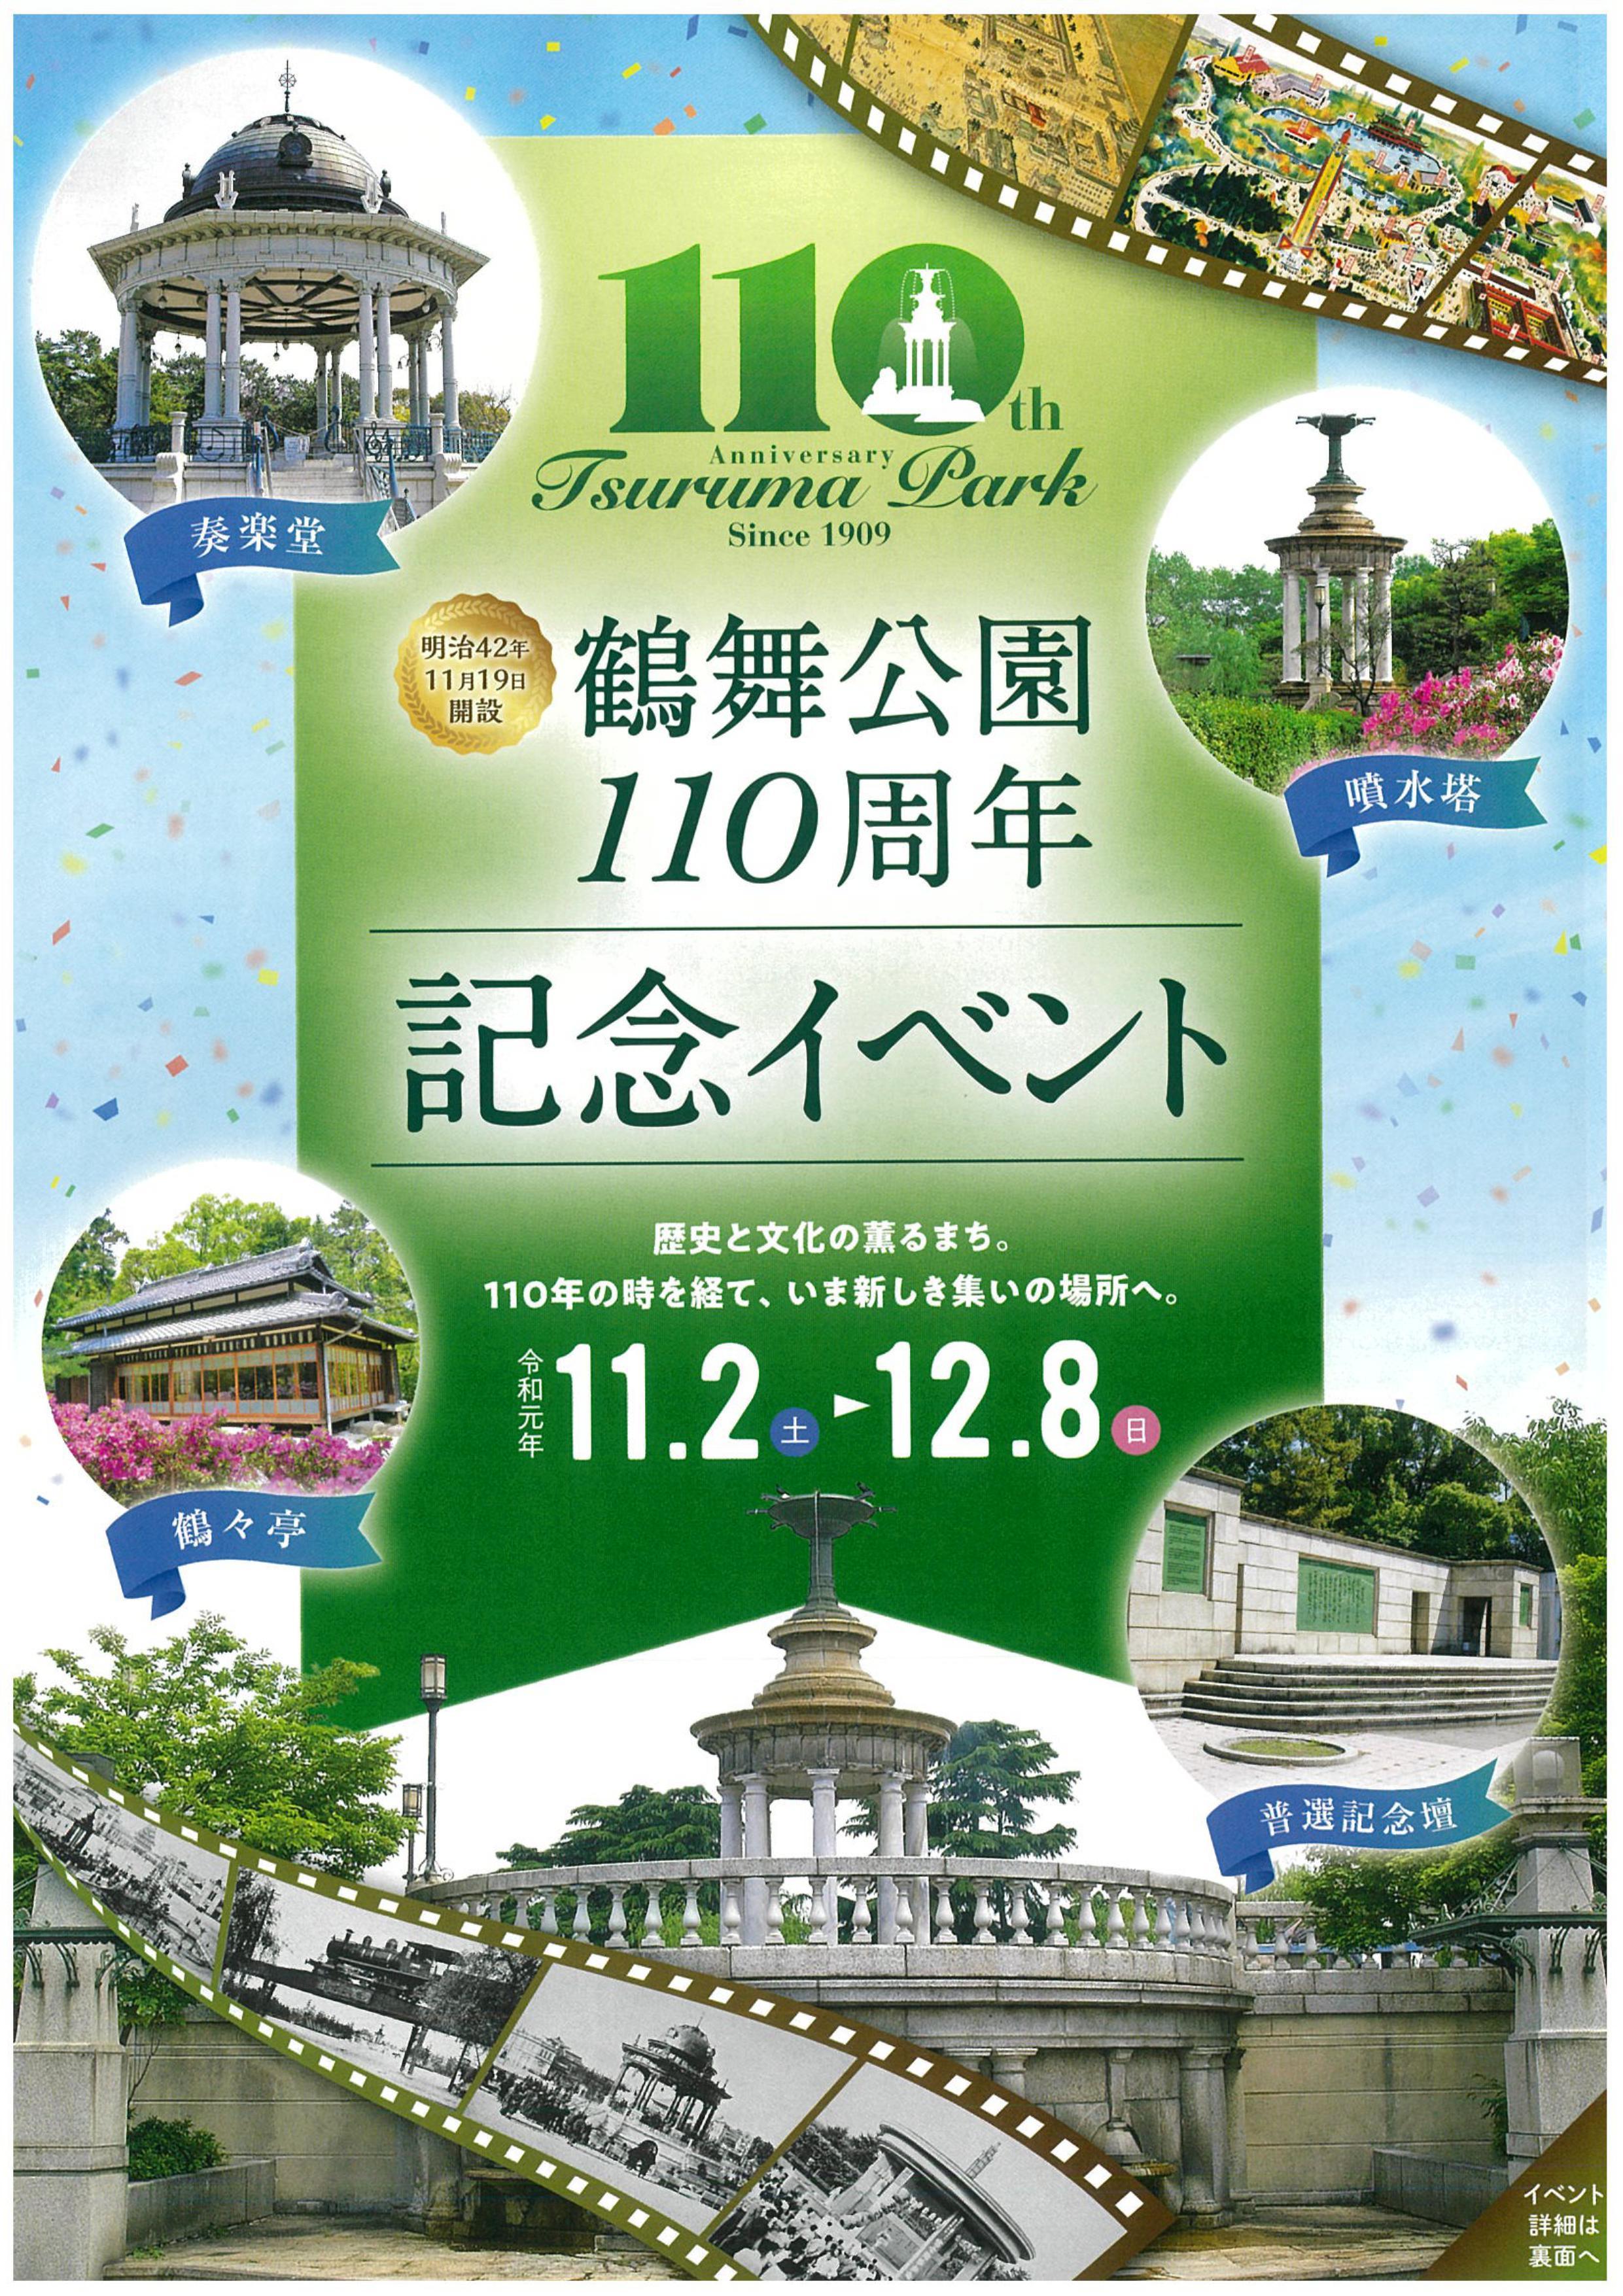 11/2-12/8鶴舞公園110周年記念イベント